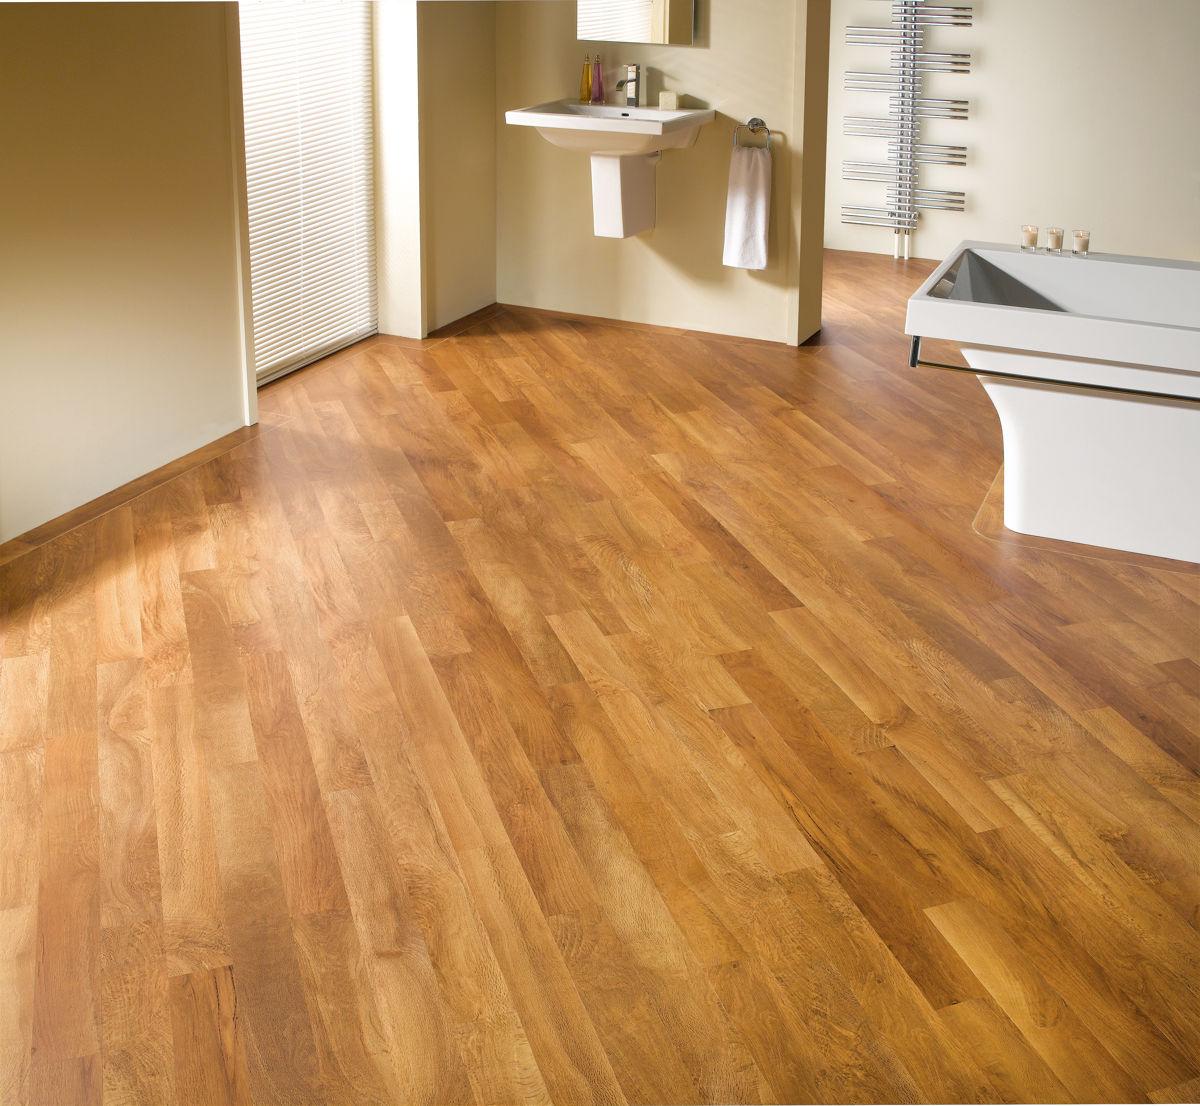 Image Result For Hardwood Floor Samples